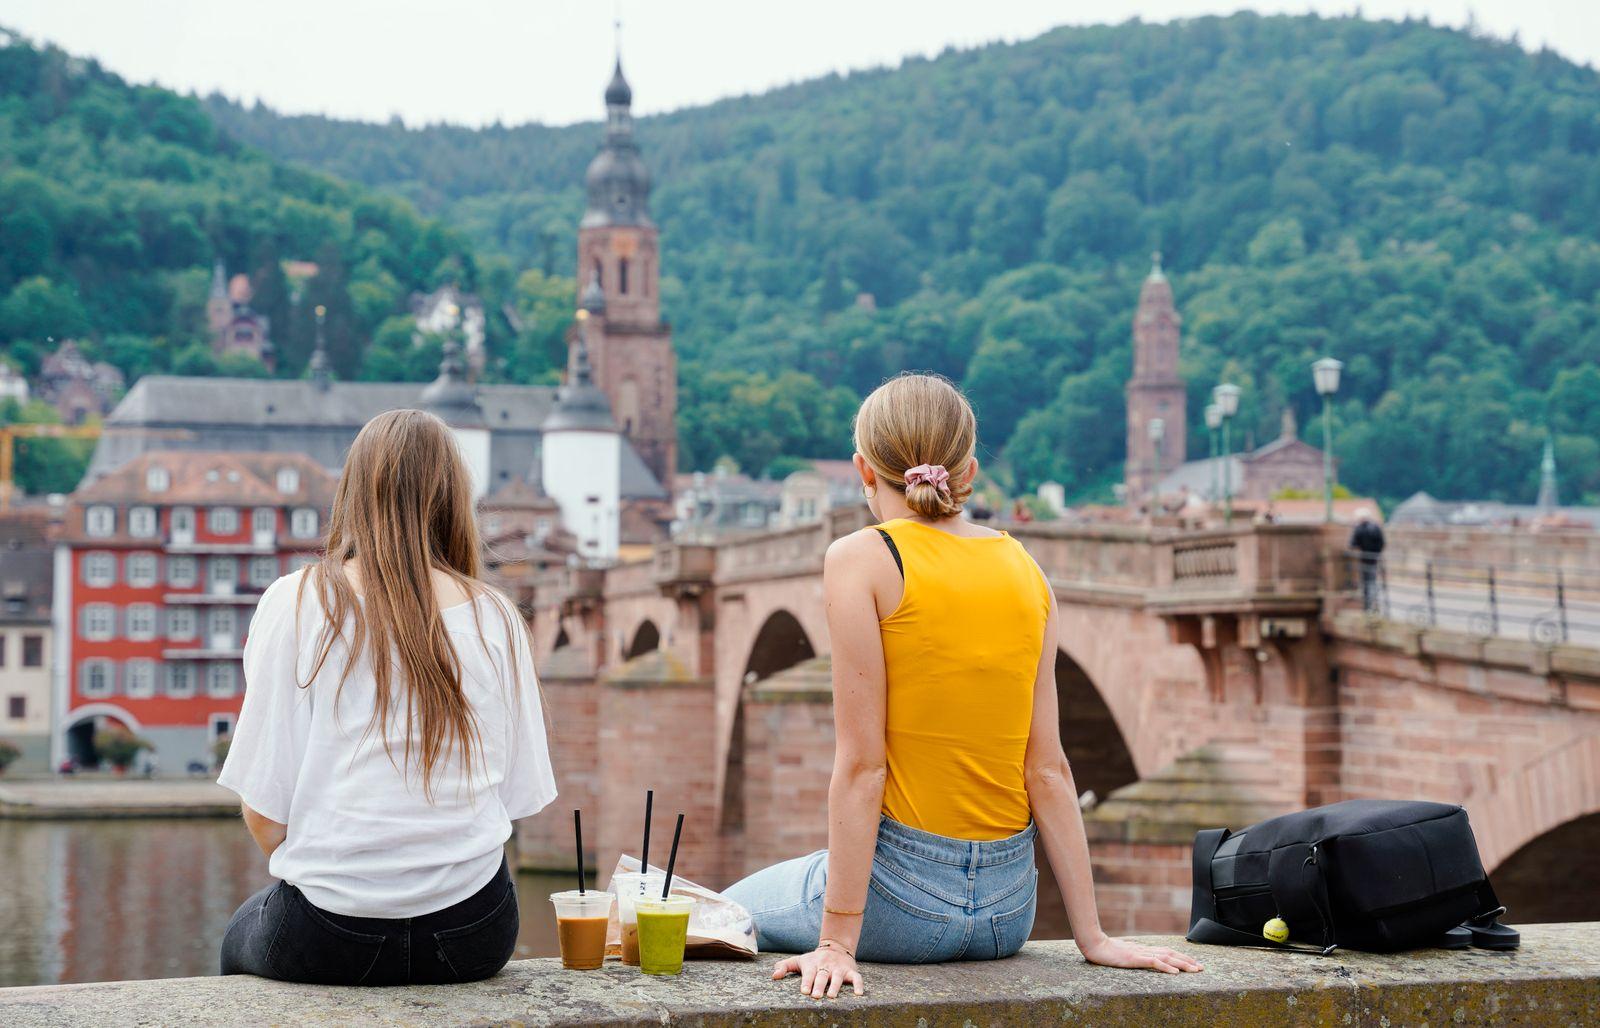 Alter der Bevölkerung - Heidelberg